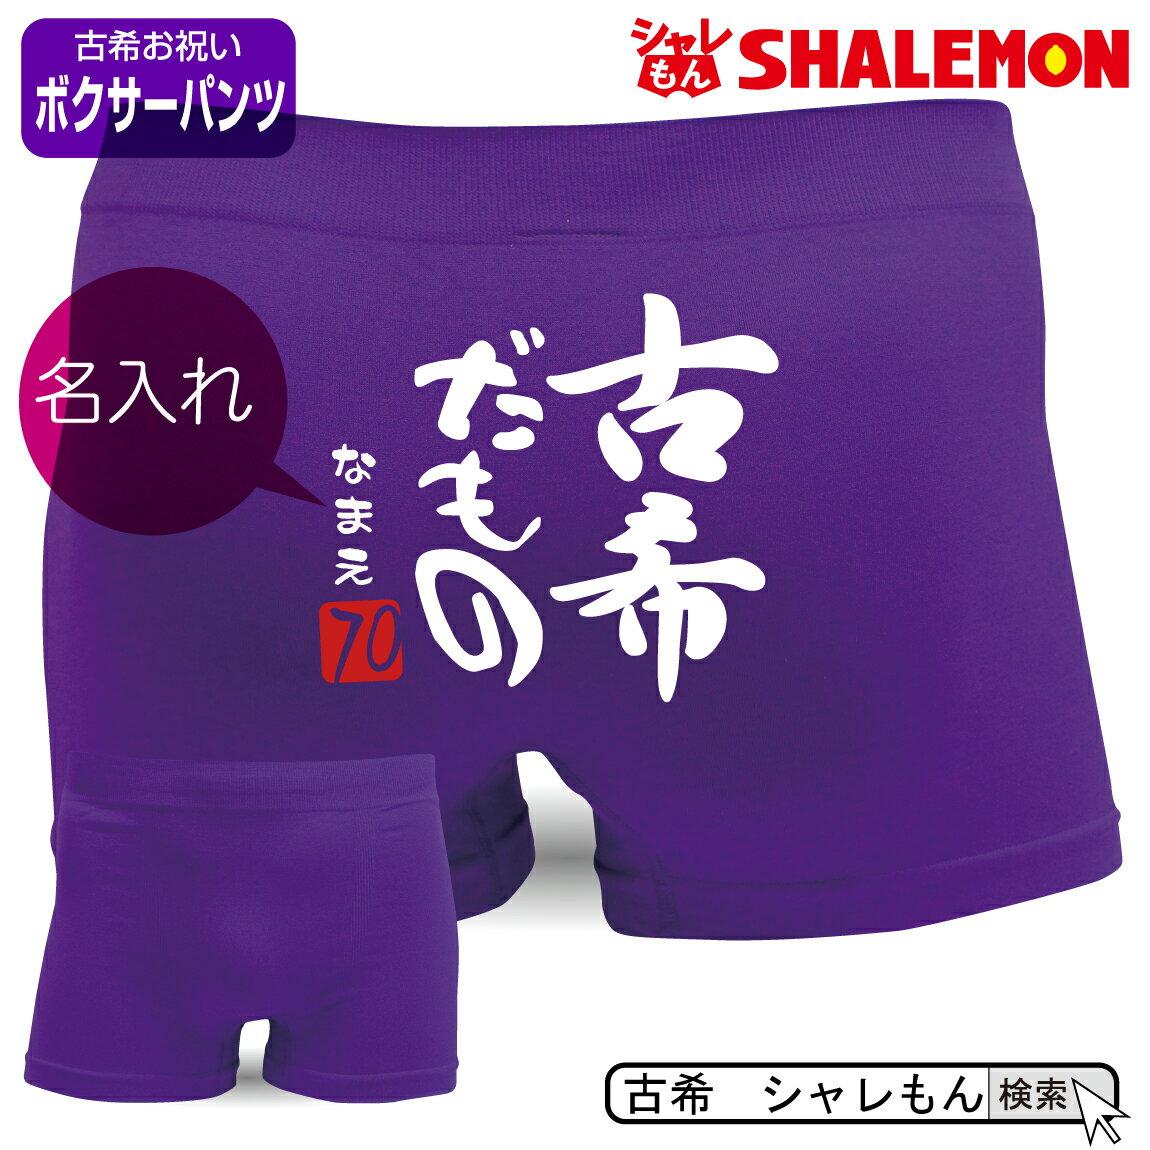 古希 祝い 【名入れ】 紫 パンツ 70歳 誕生日 プレゼント 【古希だもの】【70】 古希祝い ギフト【楽ギフ_包装】贈り物